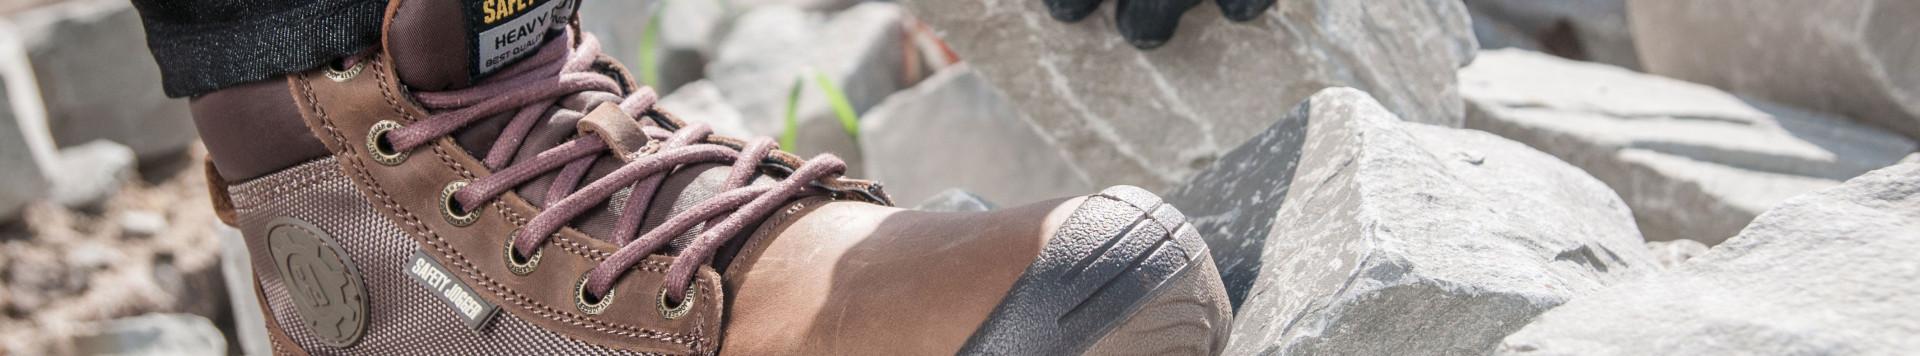 Chaussures sécurité et travail, sabots médicaux et cuisine, bottes bâtiment.